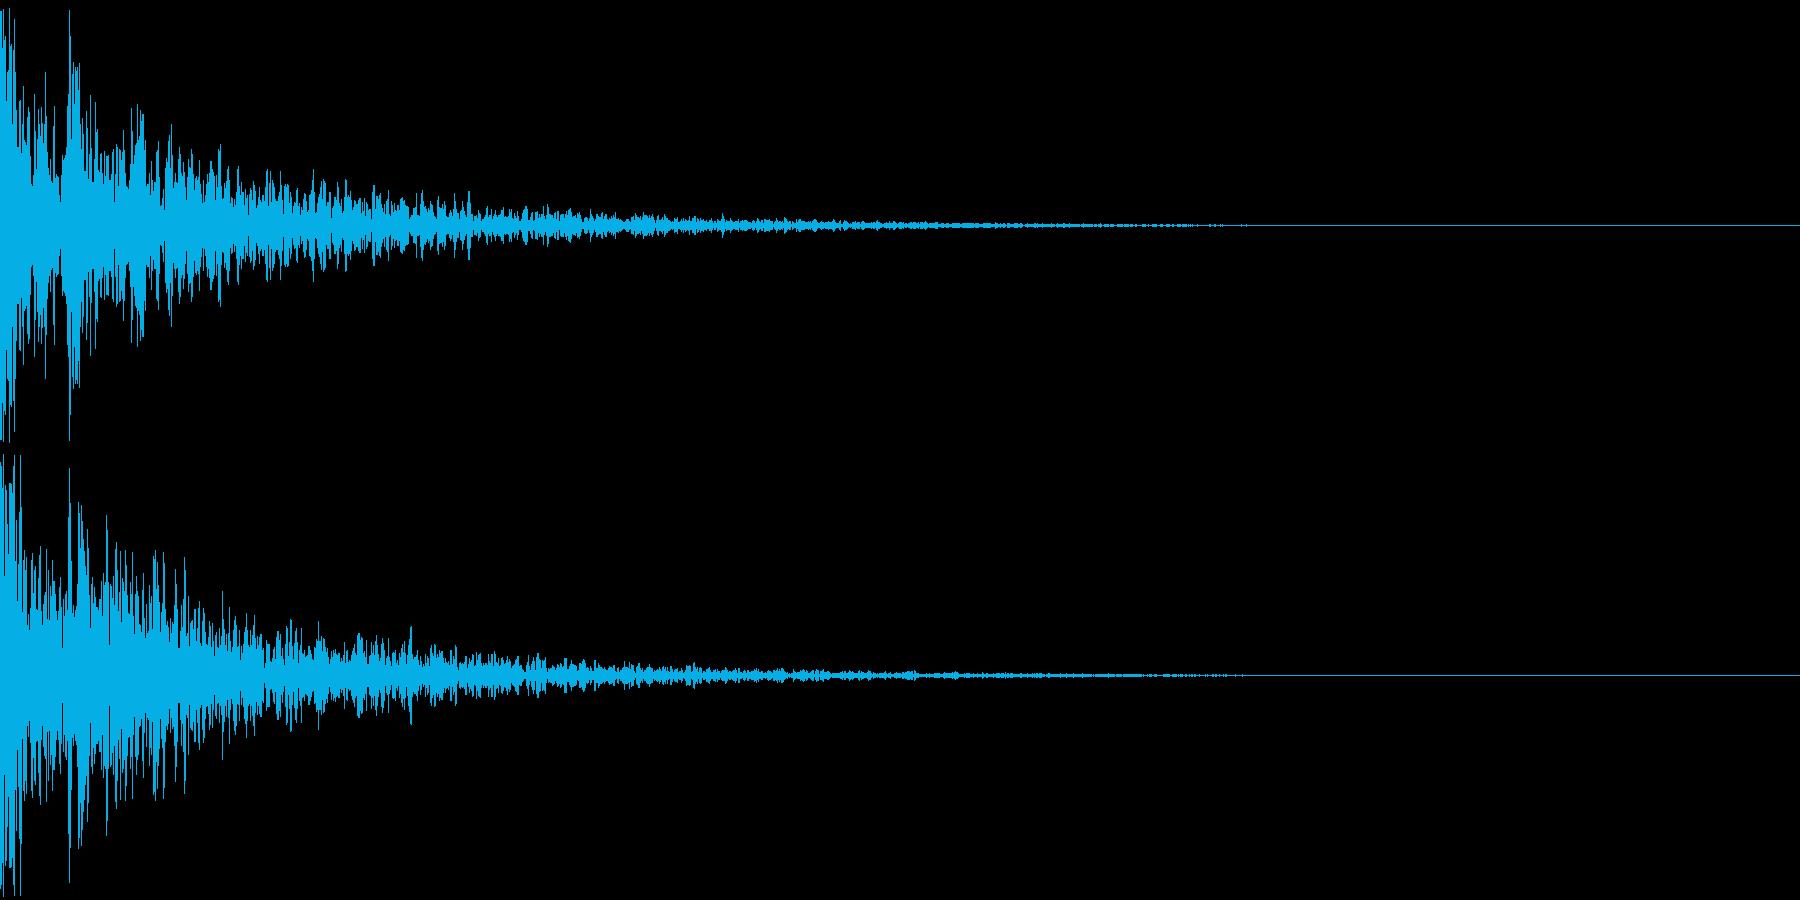 ドーン-09-2(インパクト音)の再生済みの波形